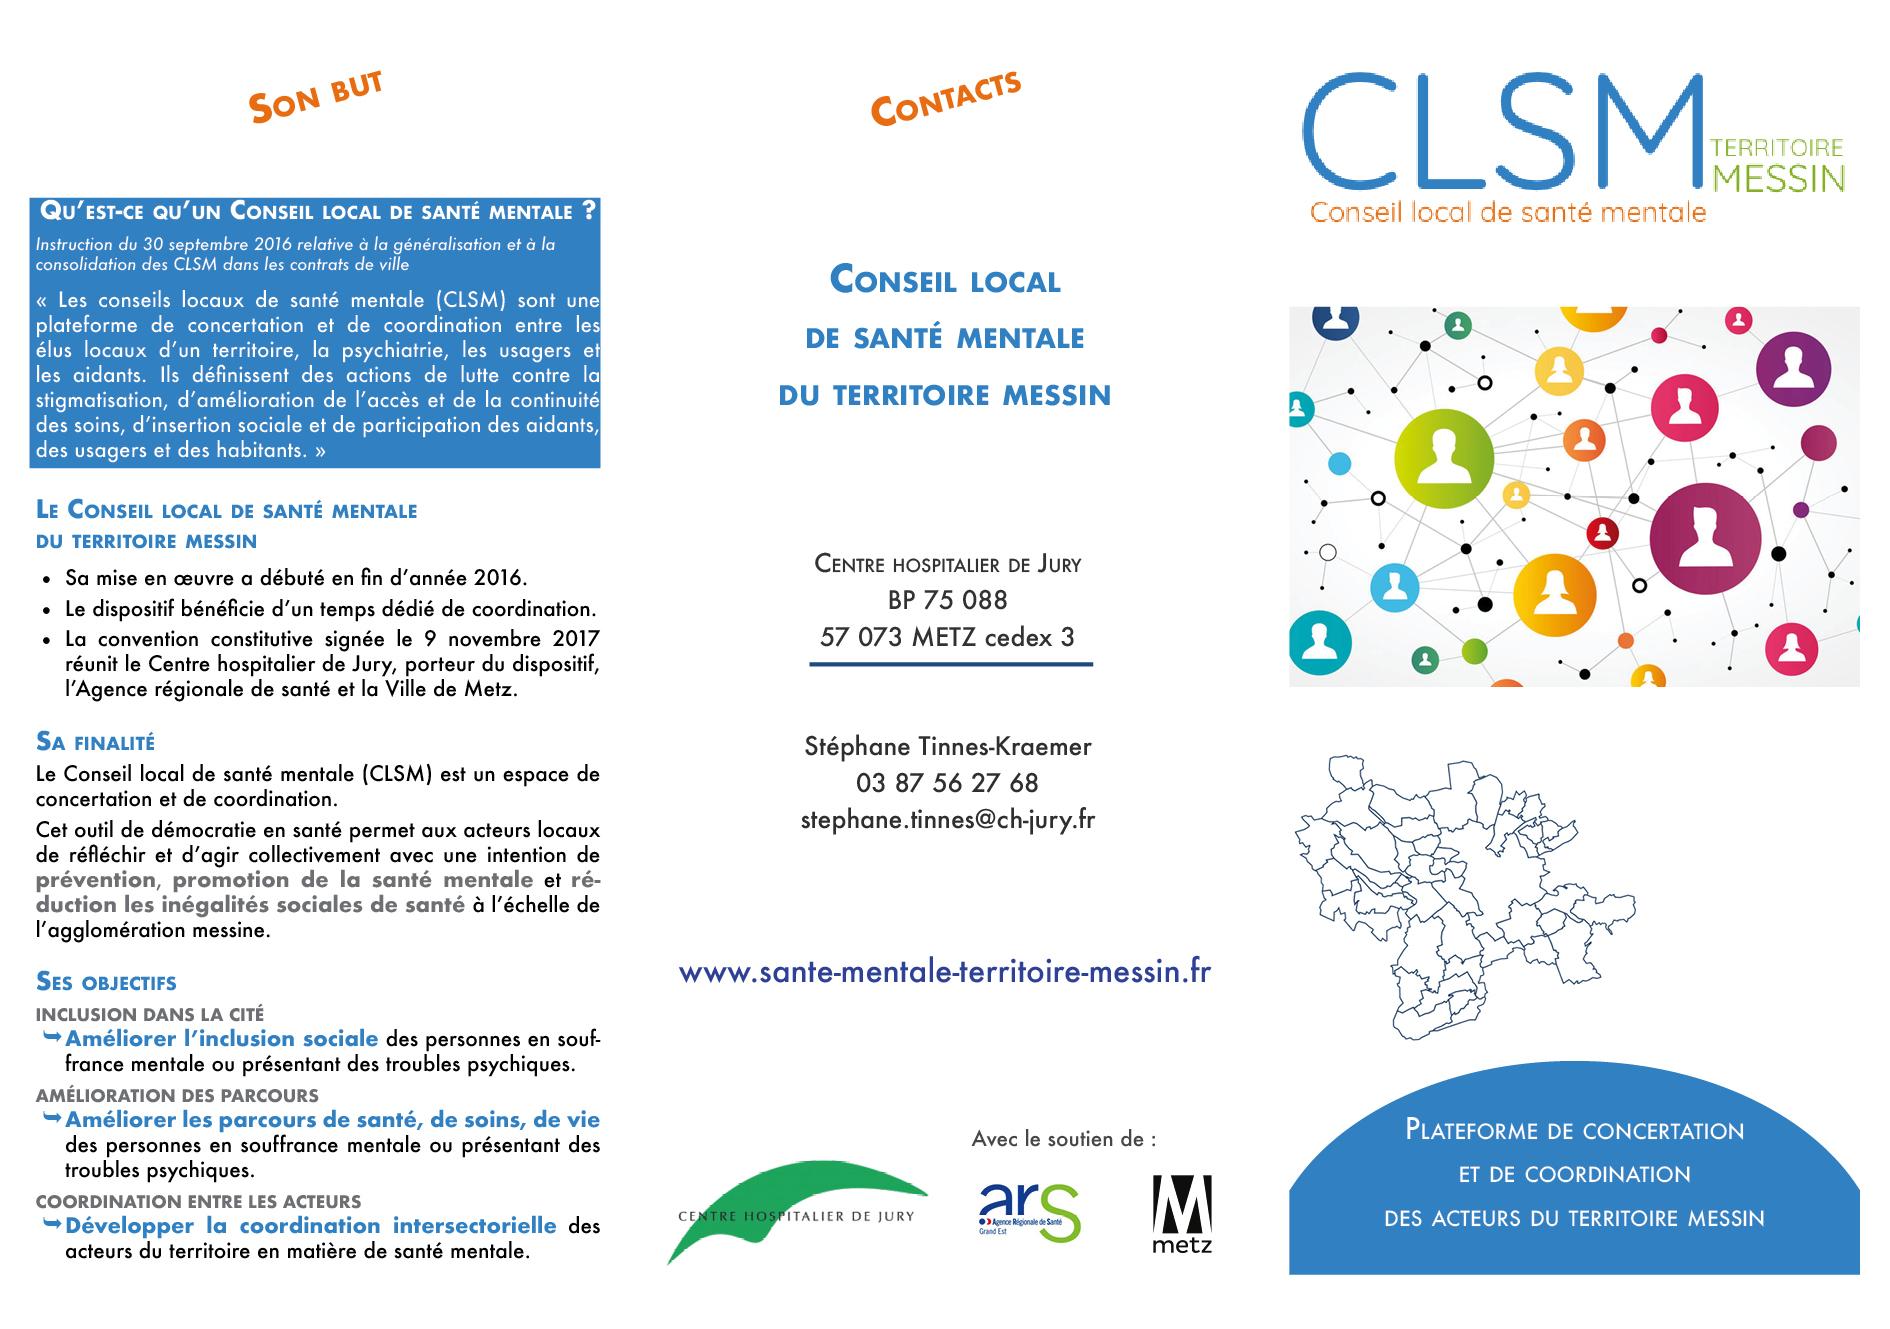 depliant CLSM messin 1sur2